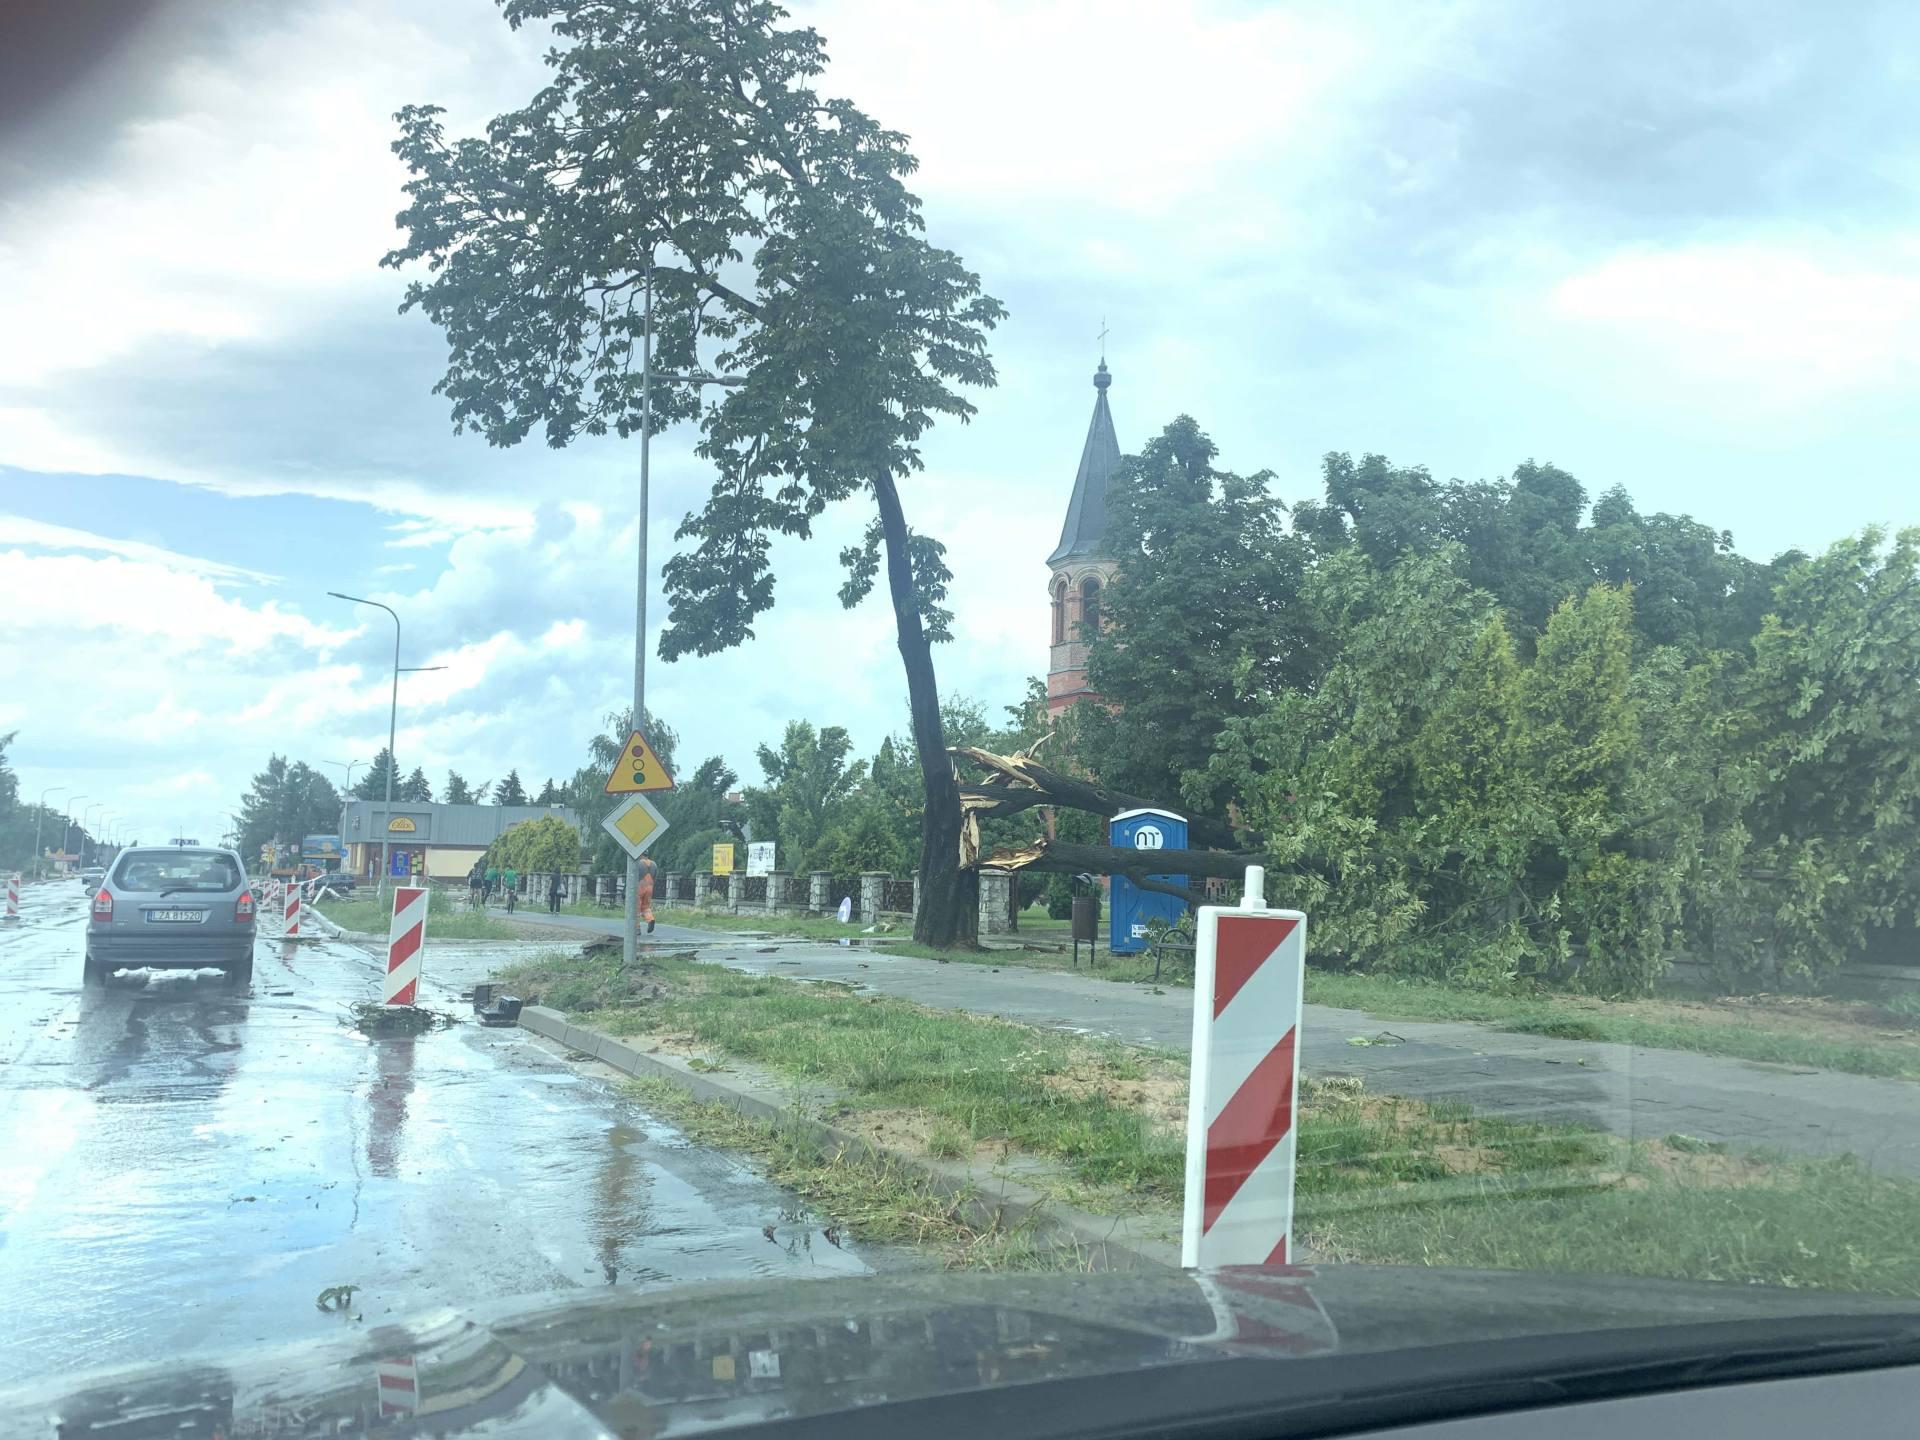 img 0950 Zerwane dachy, połamane drzewa, uszkodzone samochody. Straty po burzy, która przeszła nad Zamojszczyzną